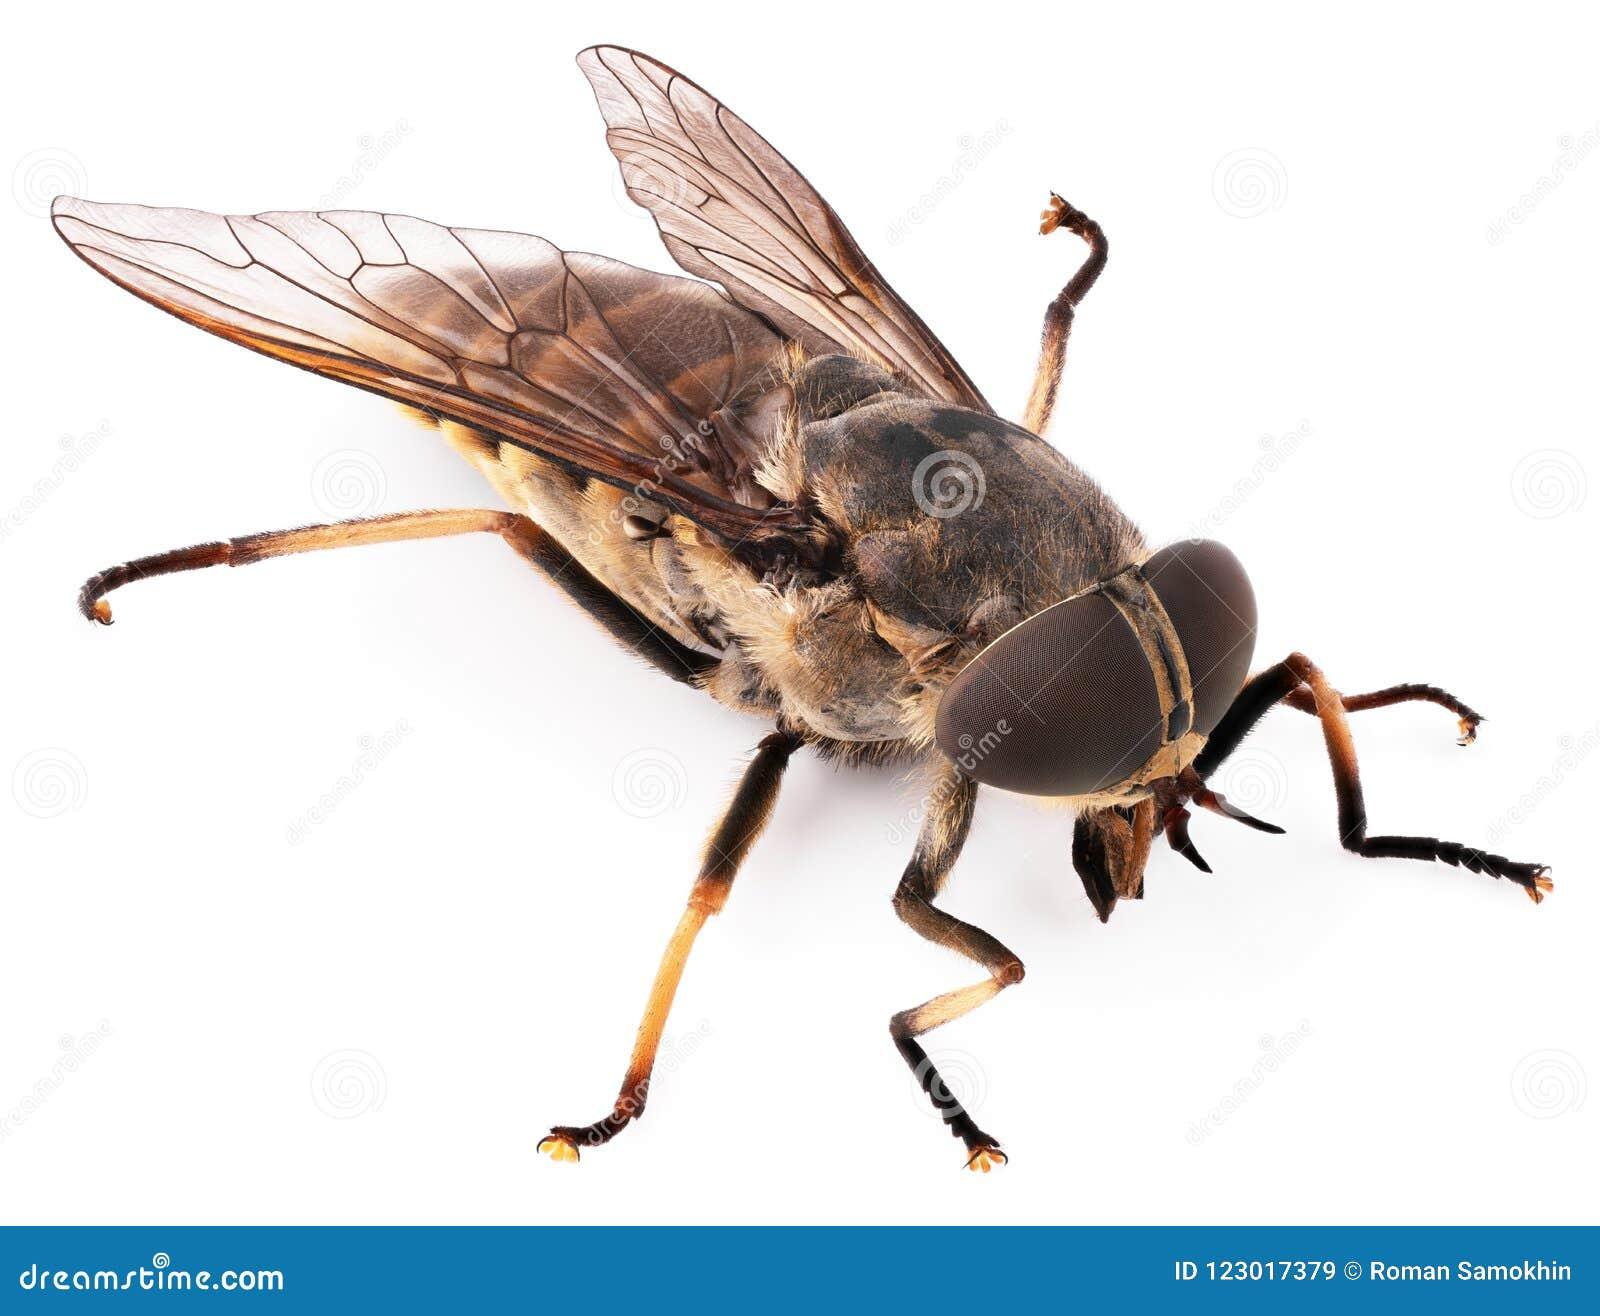 Komarnica insekt odizolowywający na białym tle